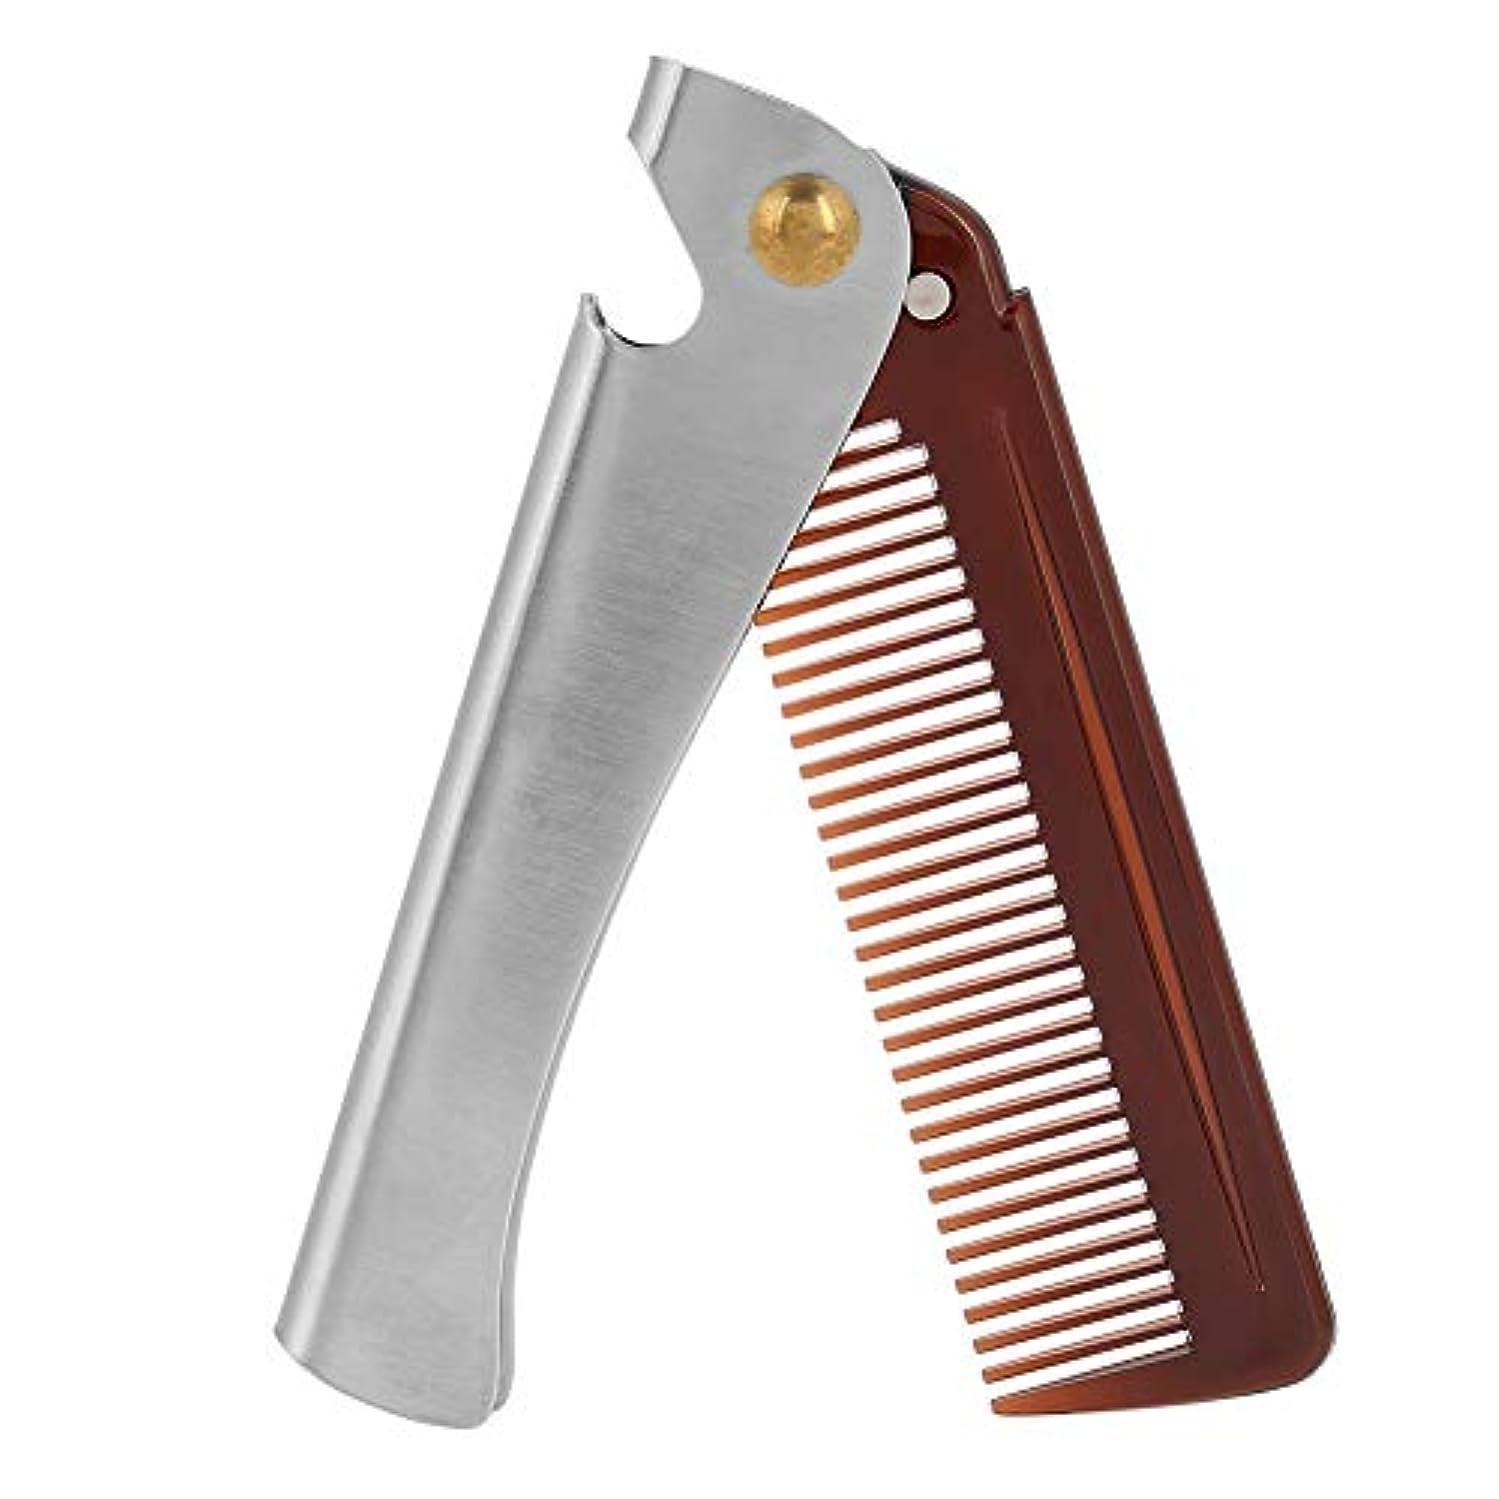 誤解させる補助適度にステンレス製のひげの櫛の携帯用ステンレス製のひげの櫛の携帯用折りたたみ口ひげ用具の栓抜き